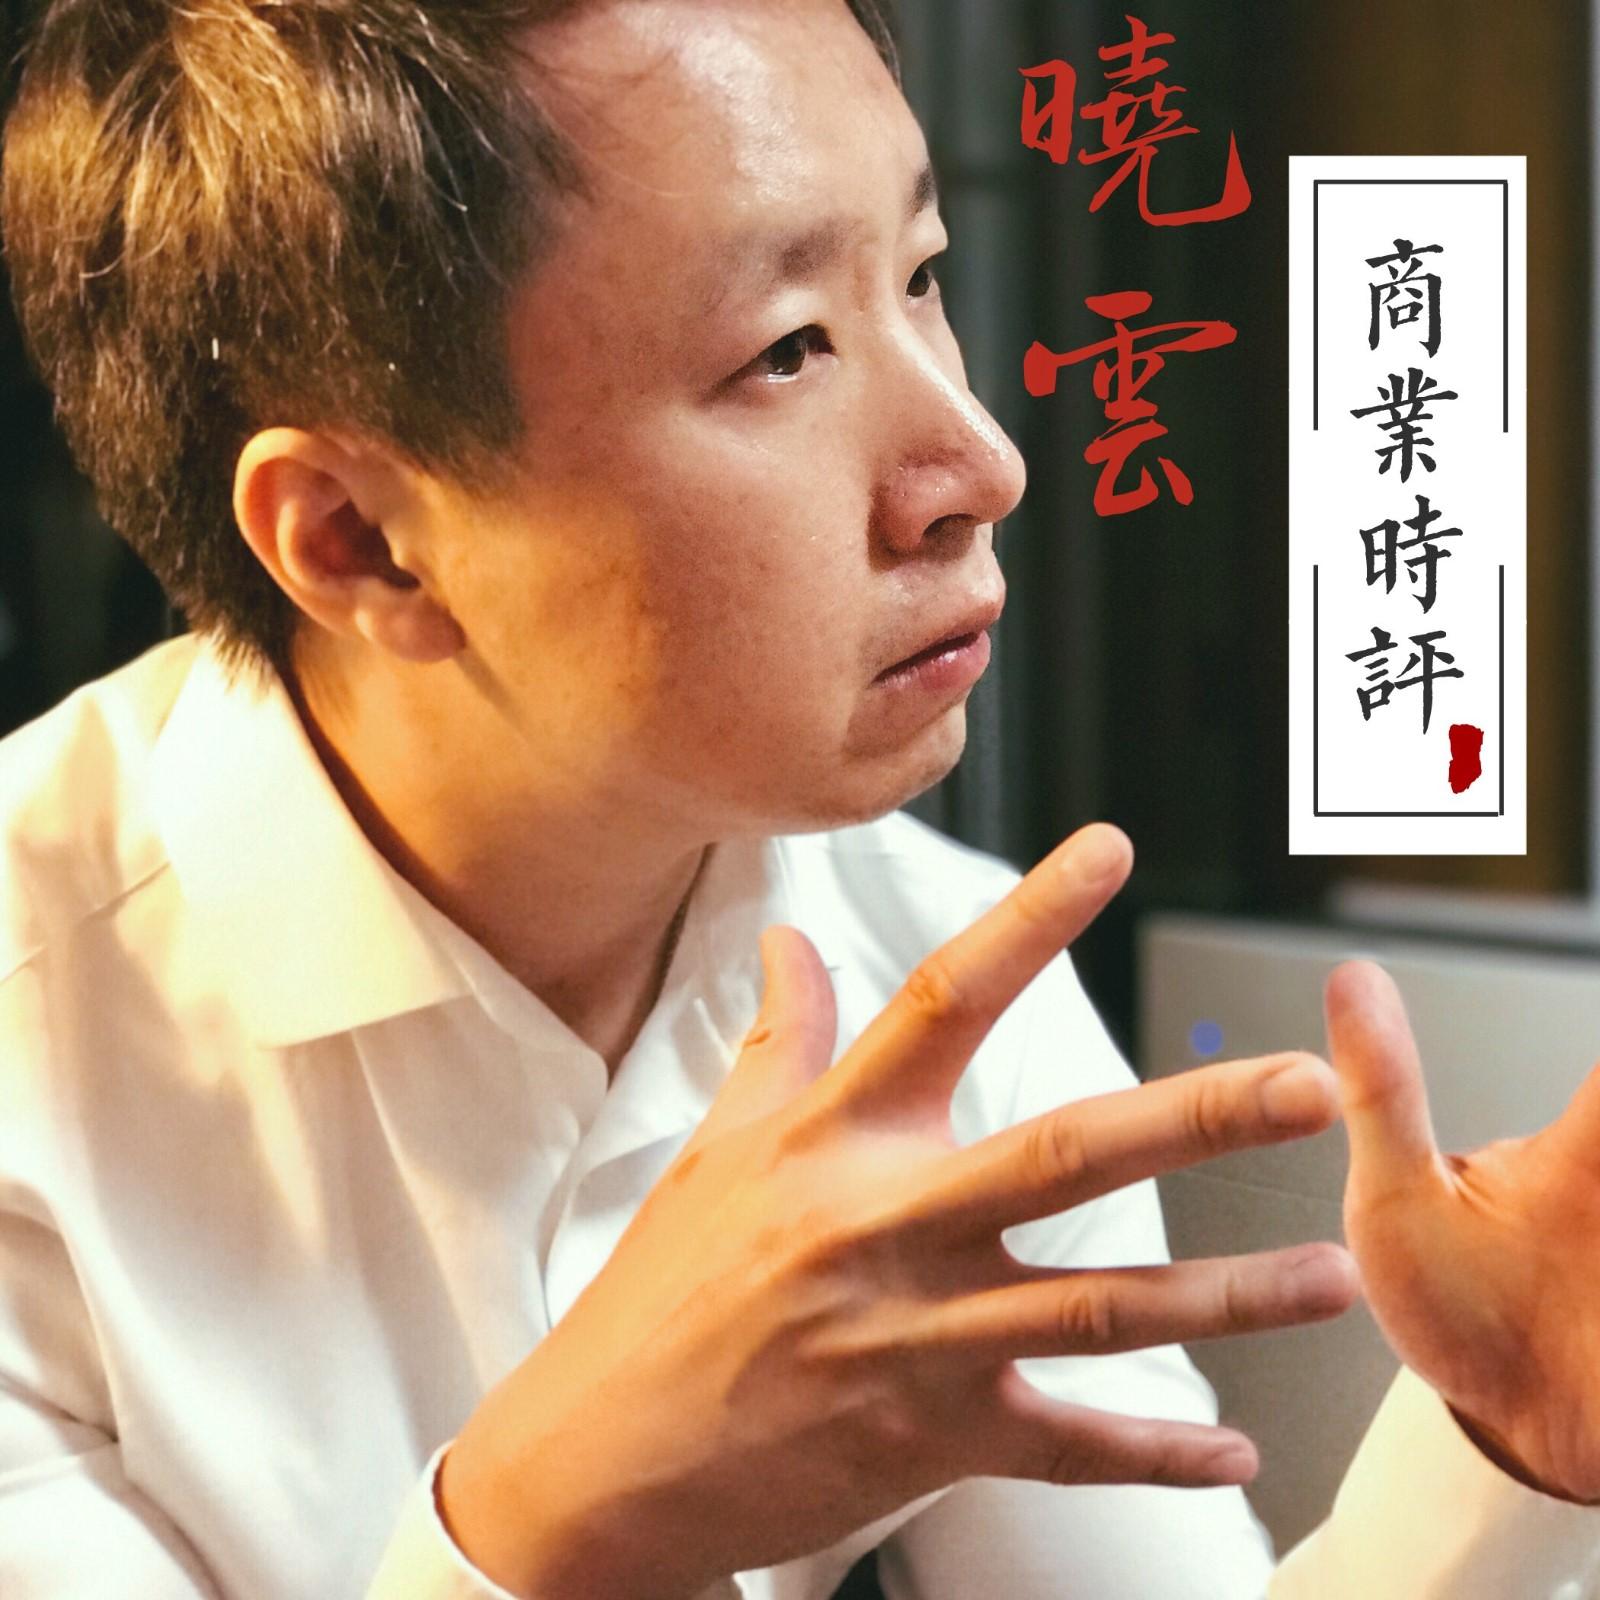 晓云商业时评:最犀利的商业相声